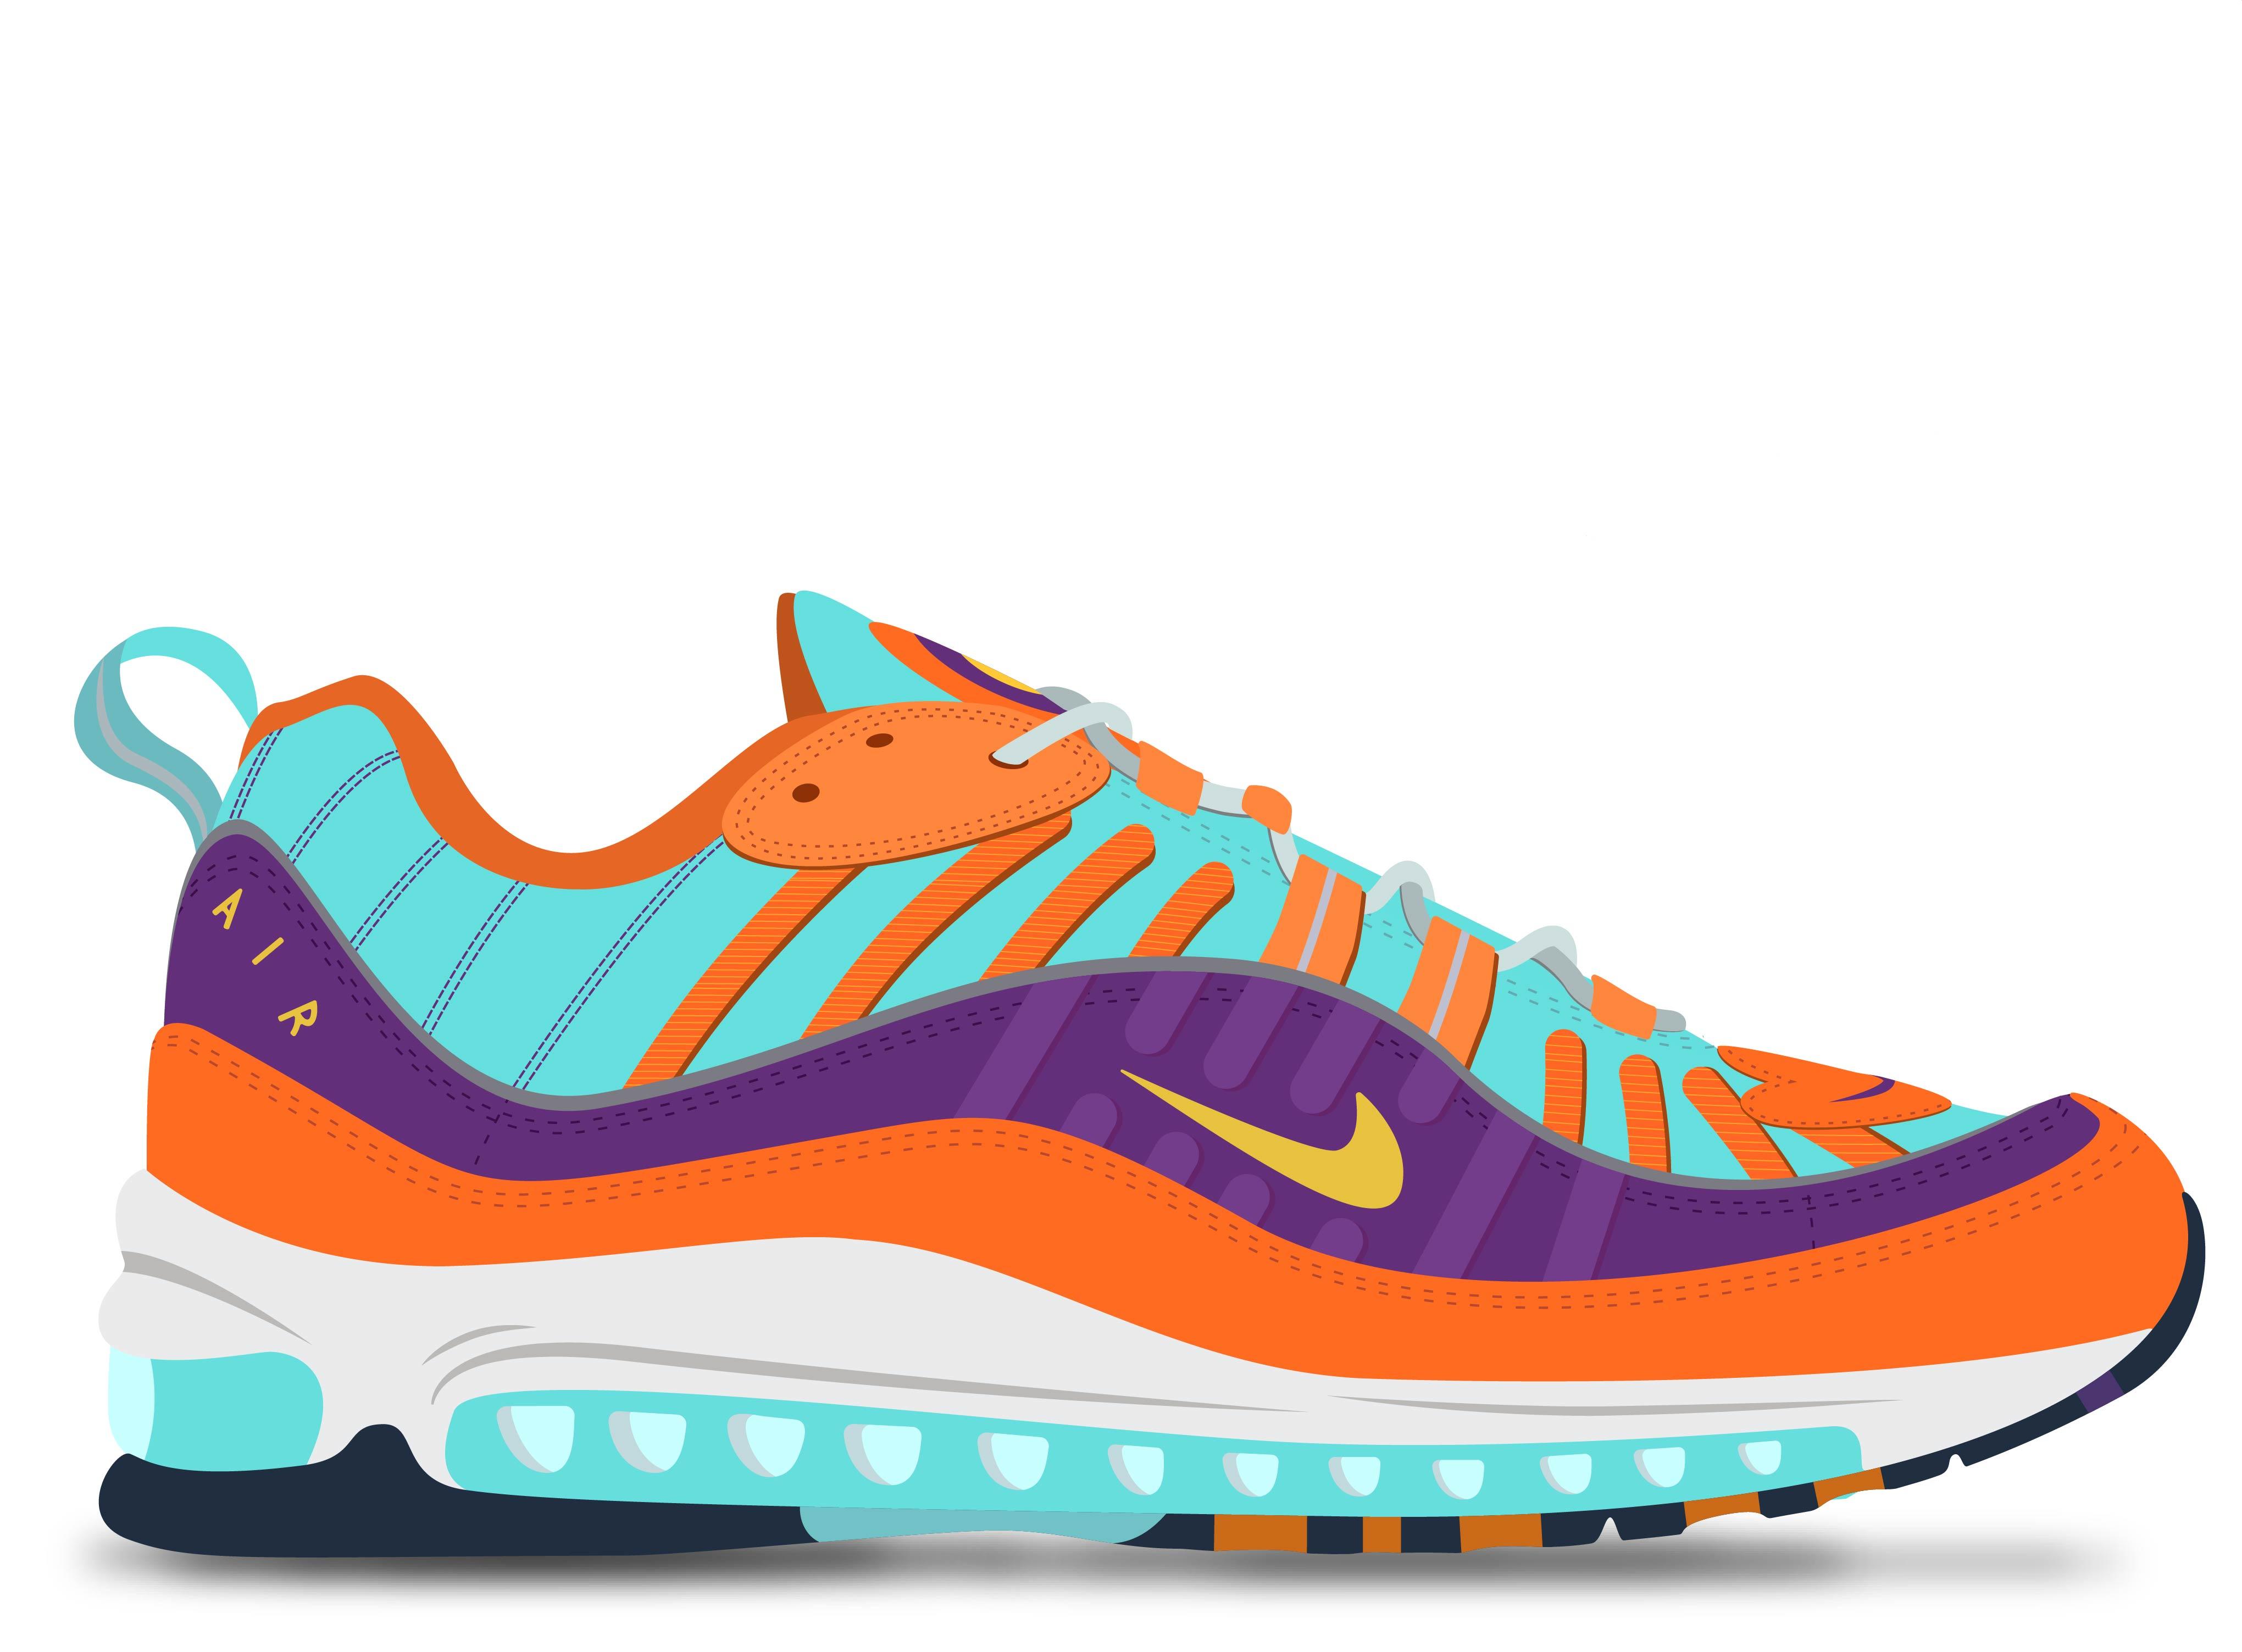 Air_Max_98_sneakers_cone